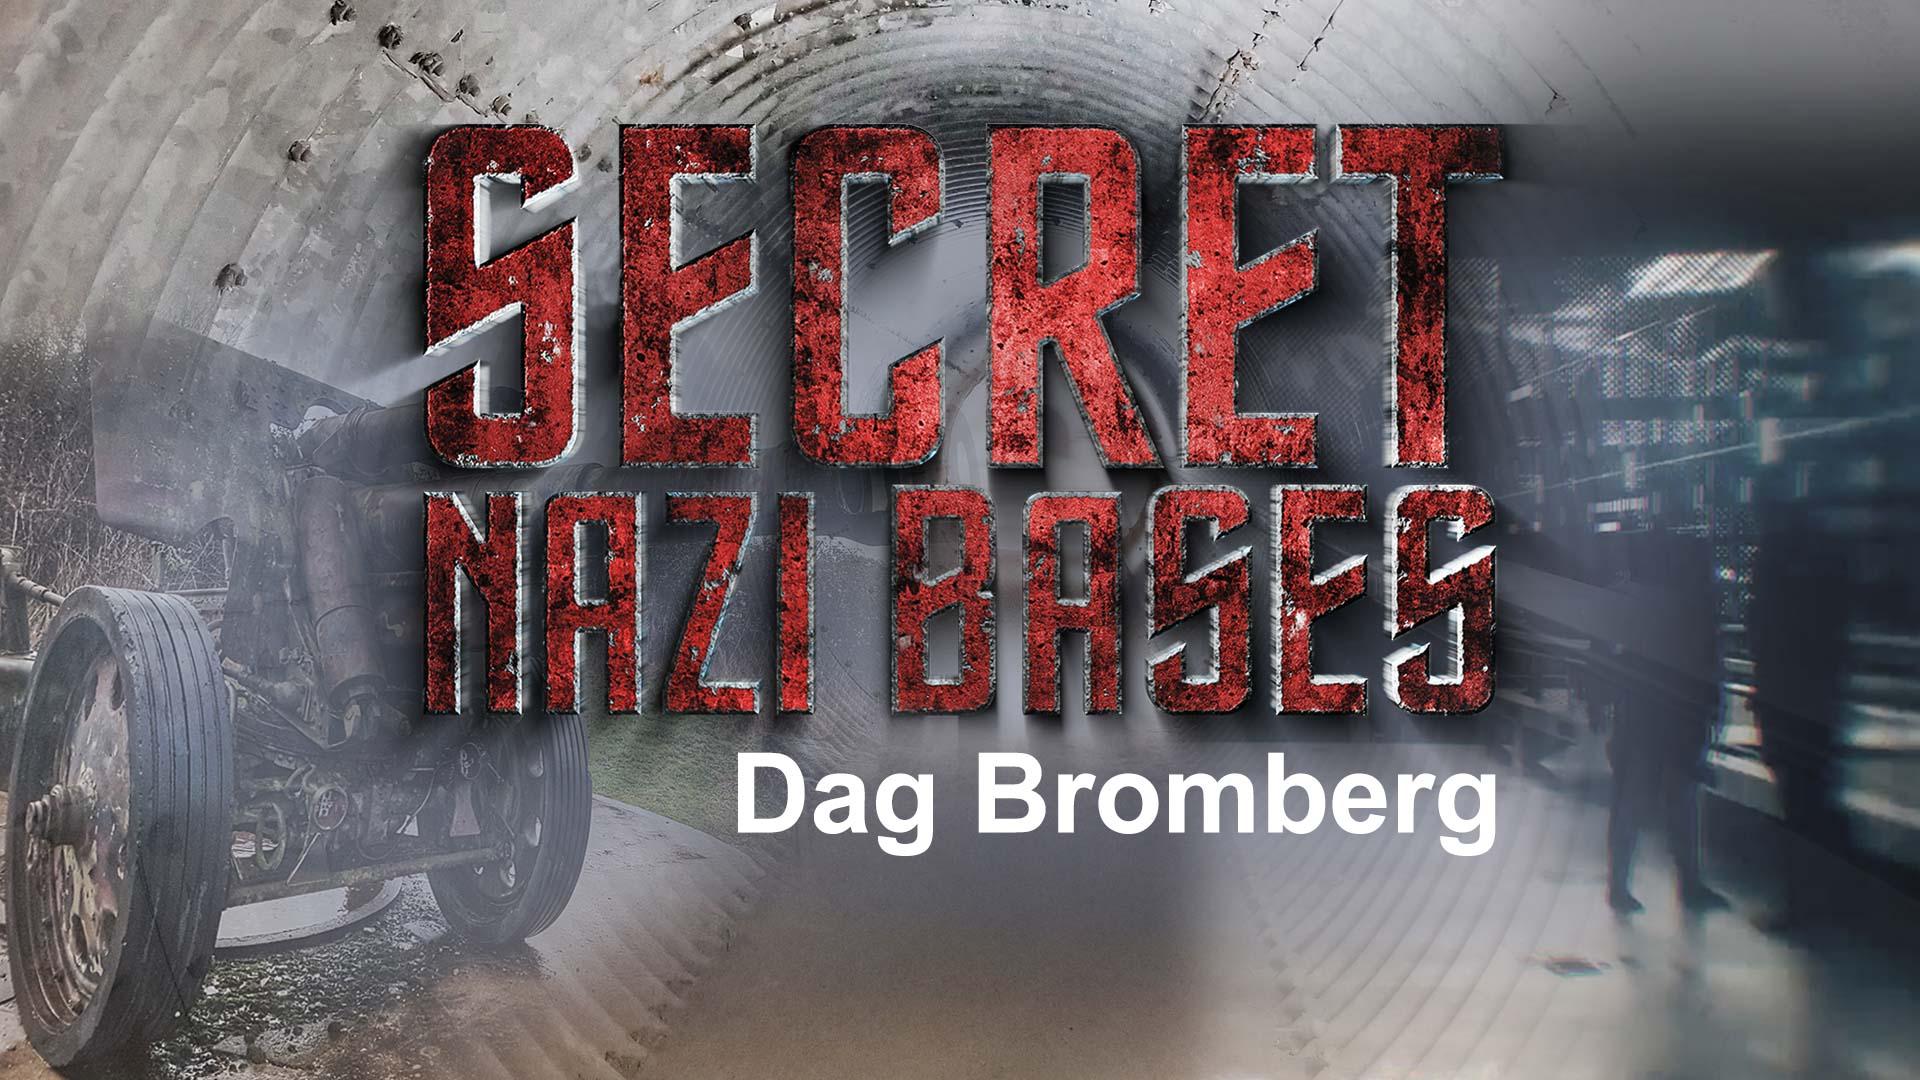 Secret Nazi Bases: Dag Bromberg